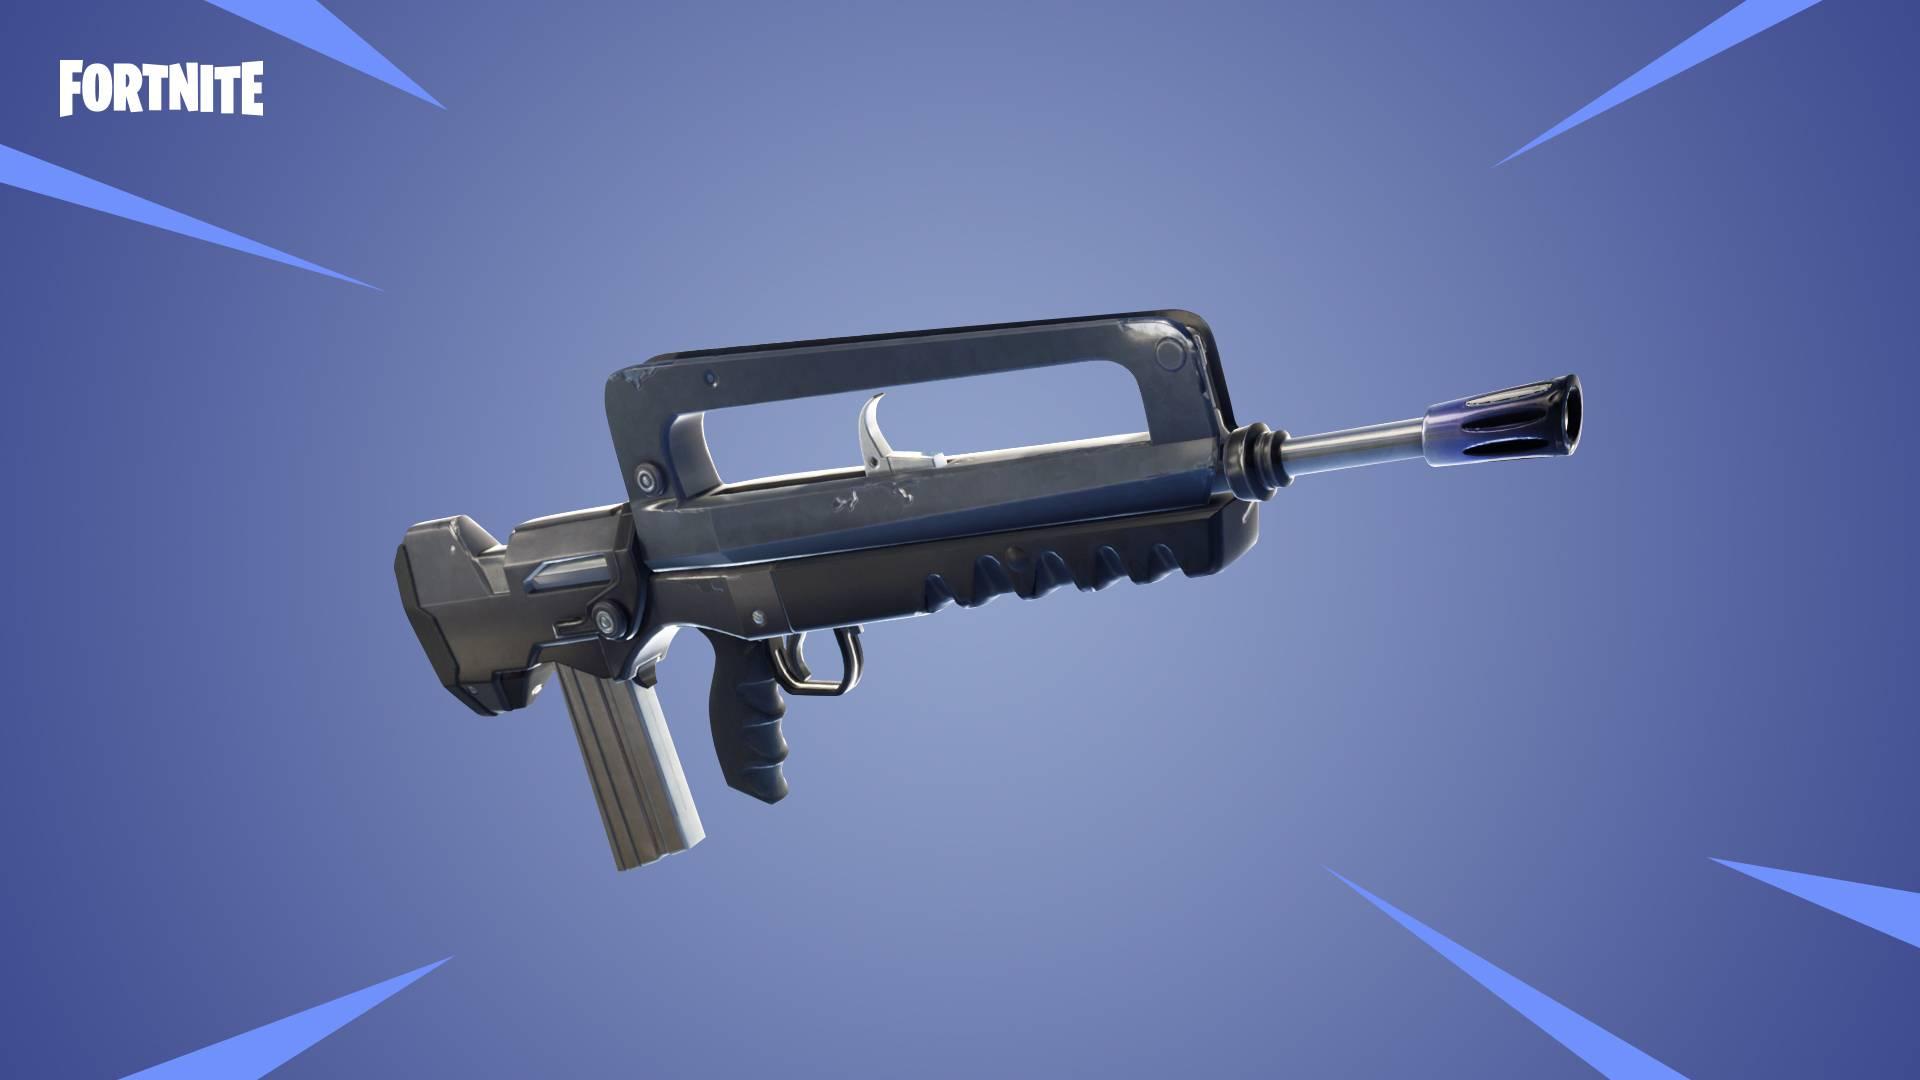 Fortnite Rifle